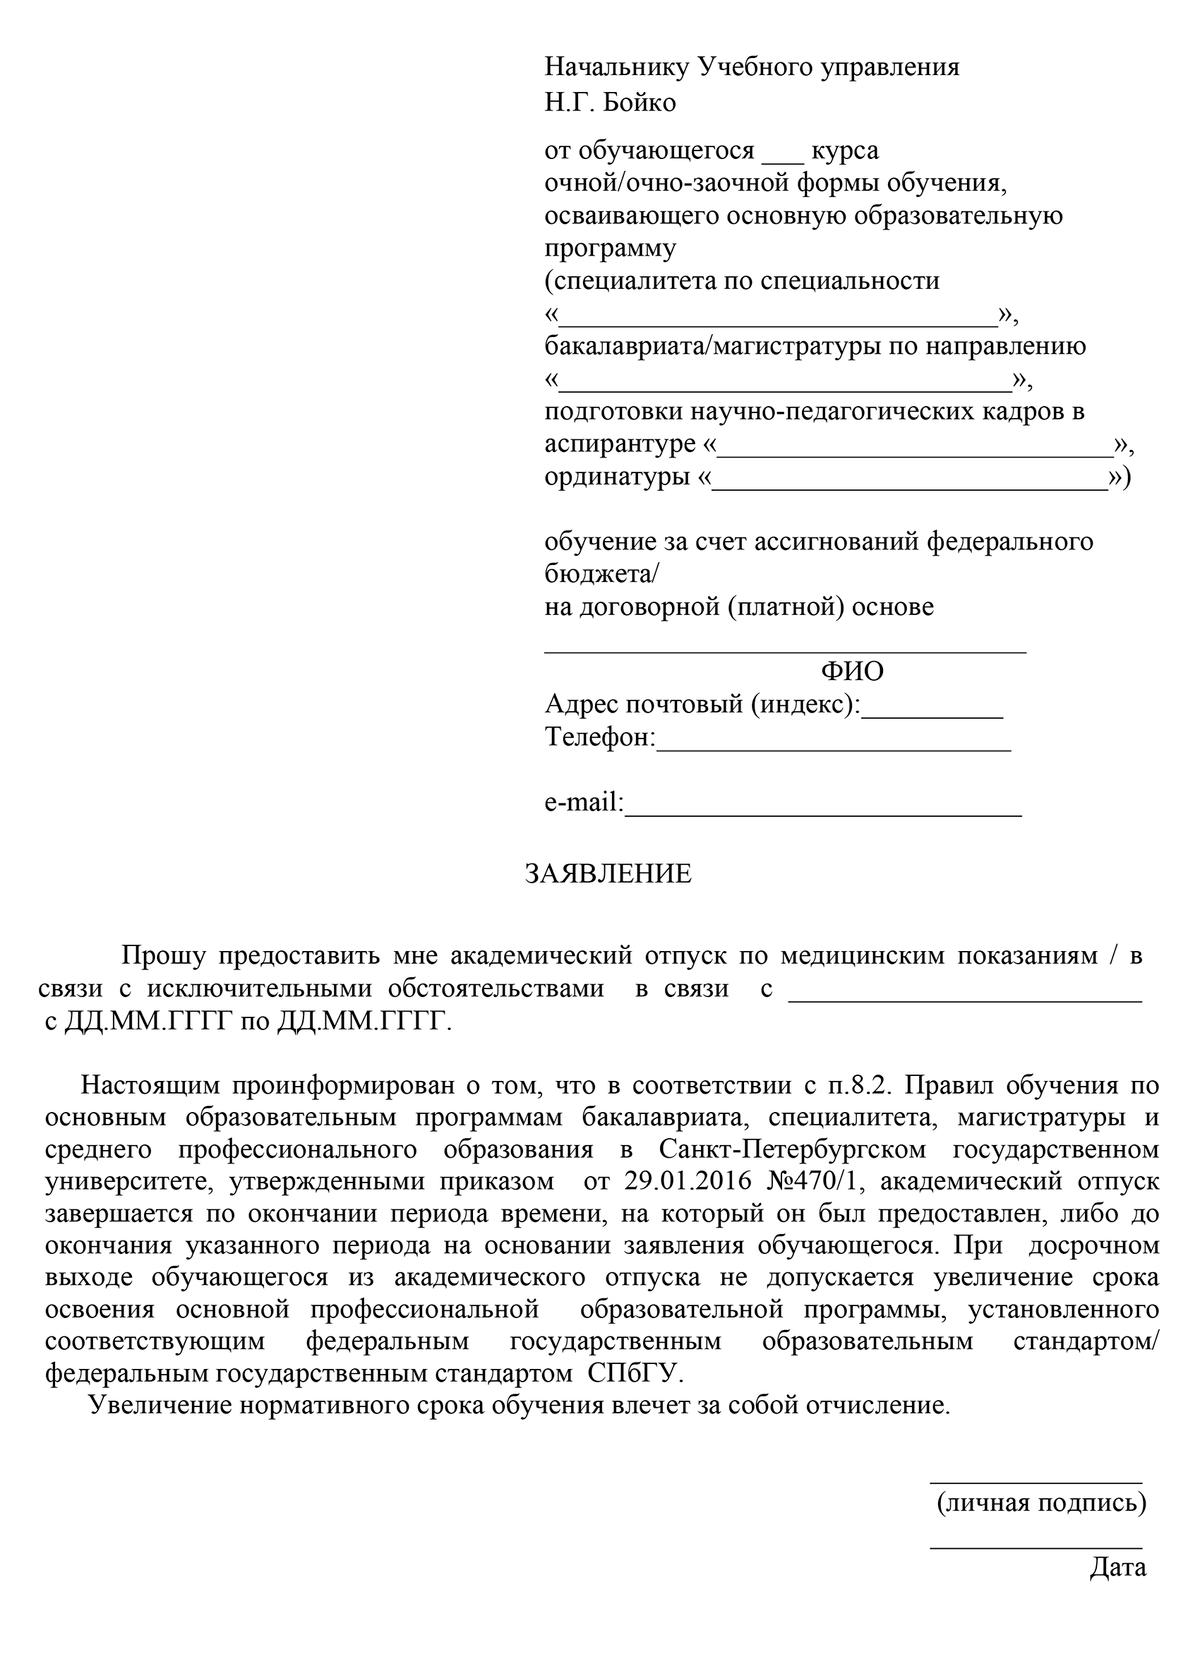 Образец заявления на академический отпуск в СПбГУ. Если первого отпуска не хватило, нужно подать новое заявление